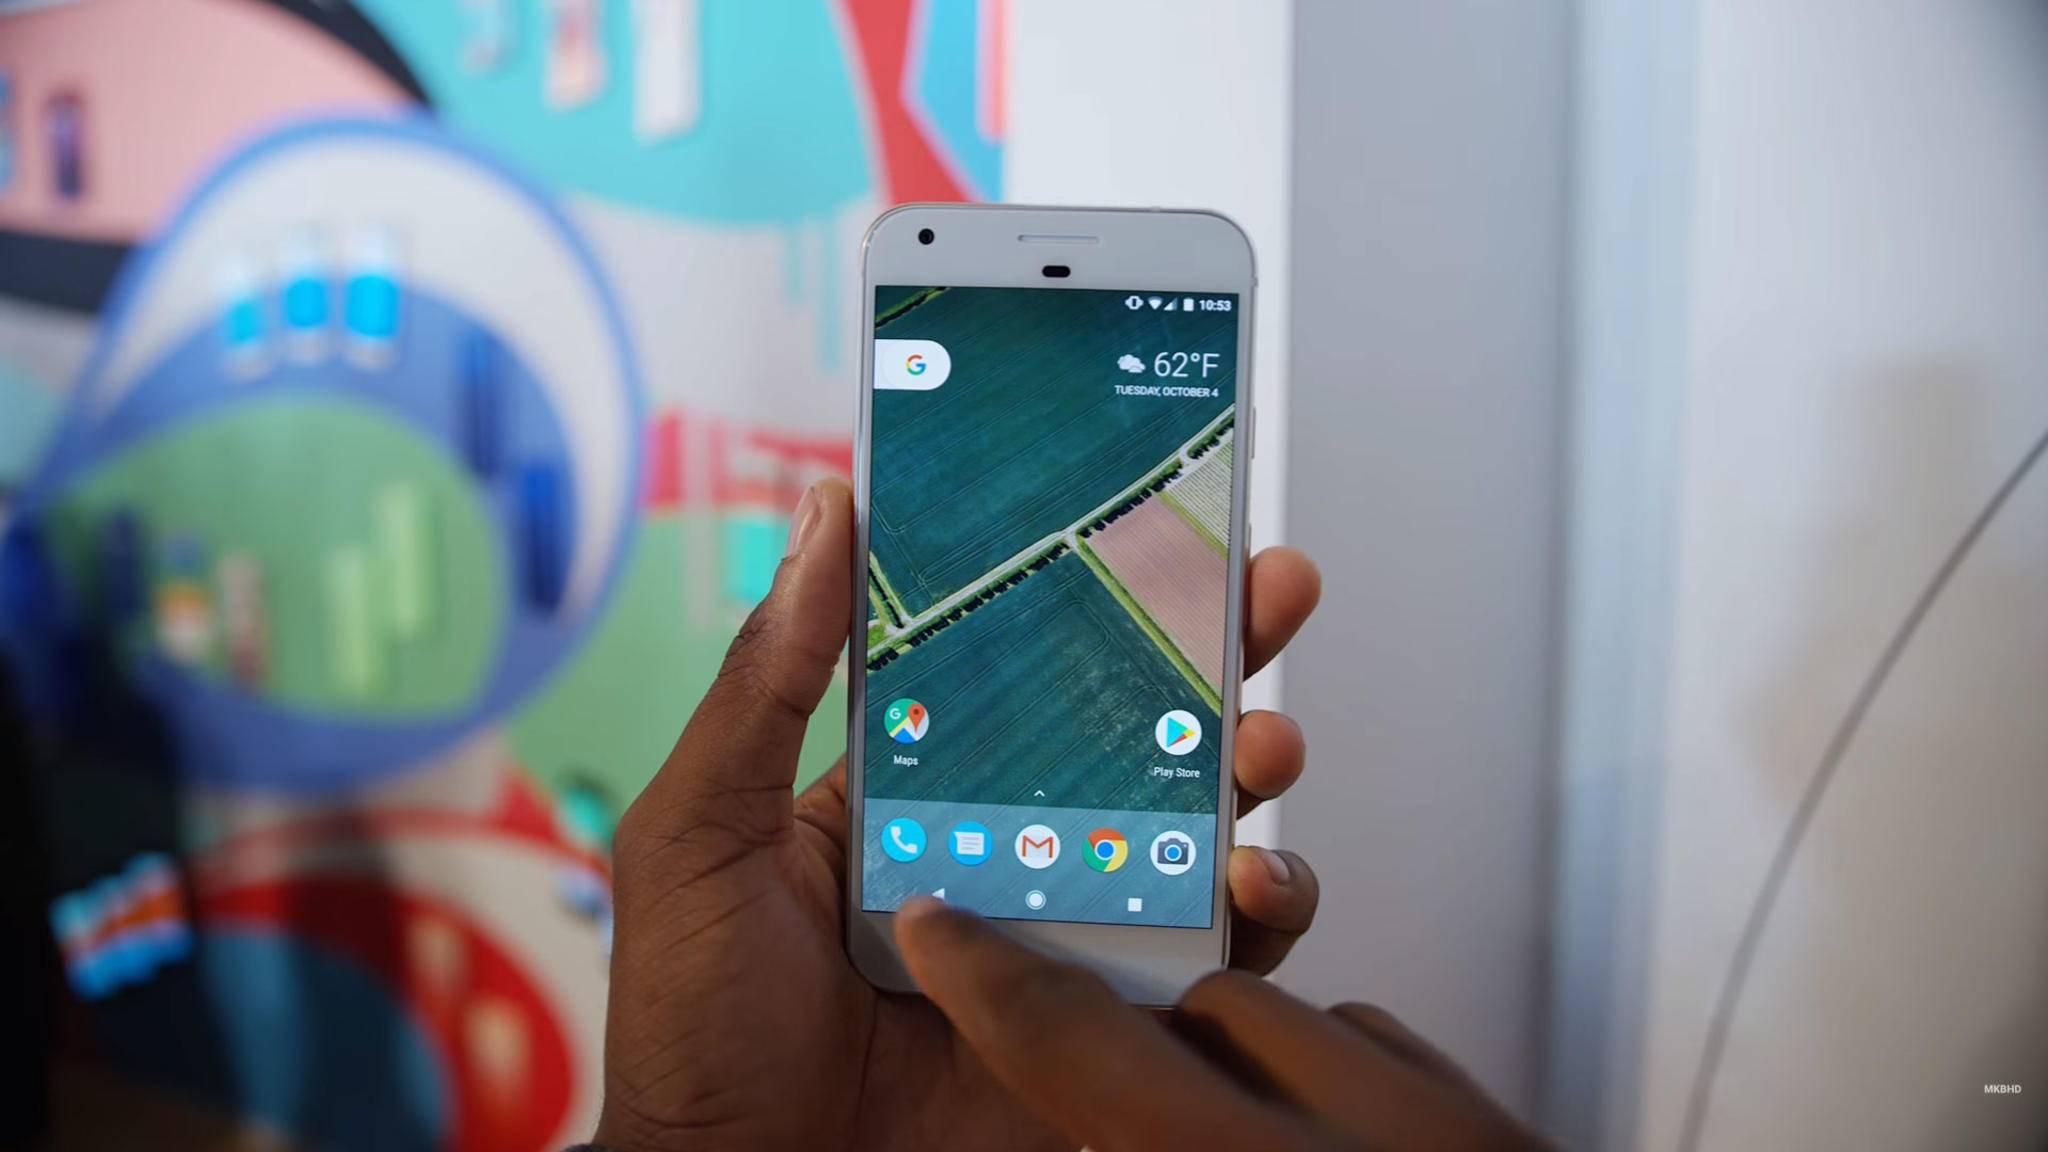 Das Display des Pixel ist schärfer als das des iPhone 7.